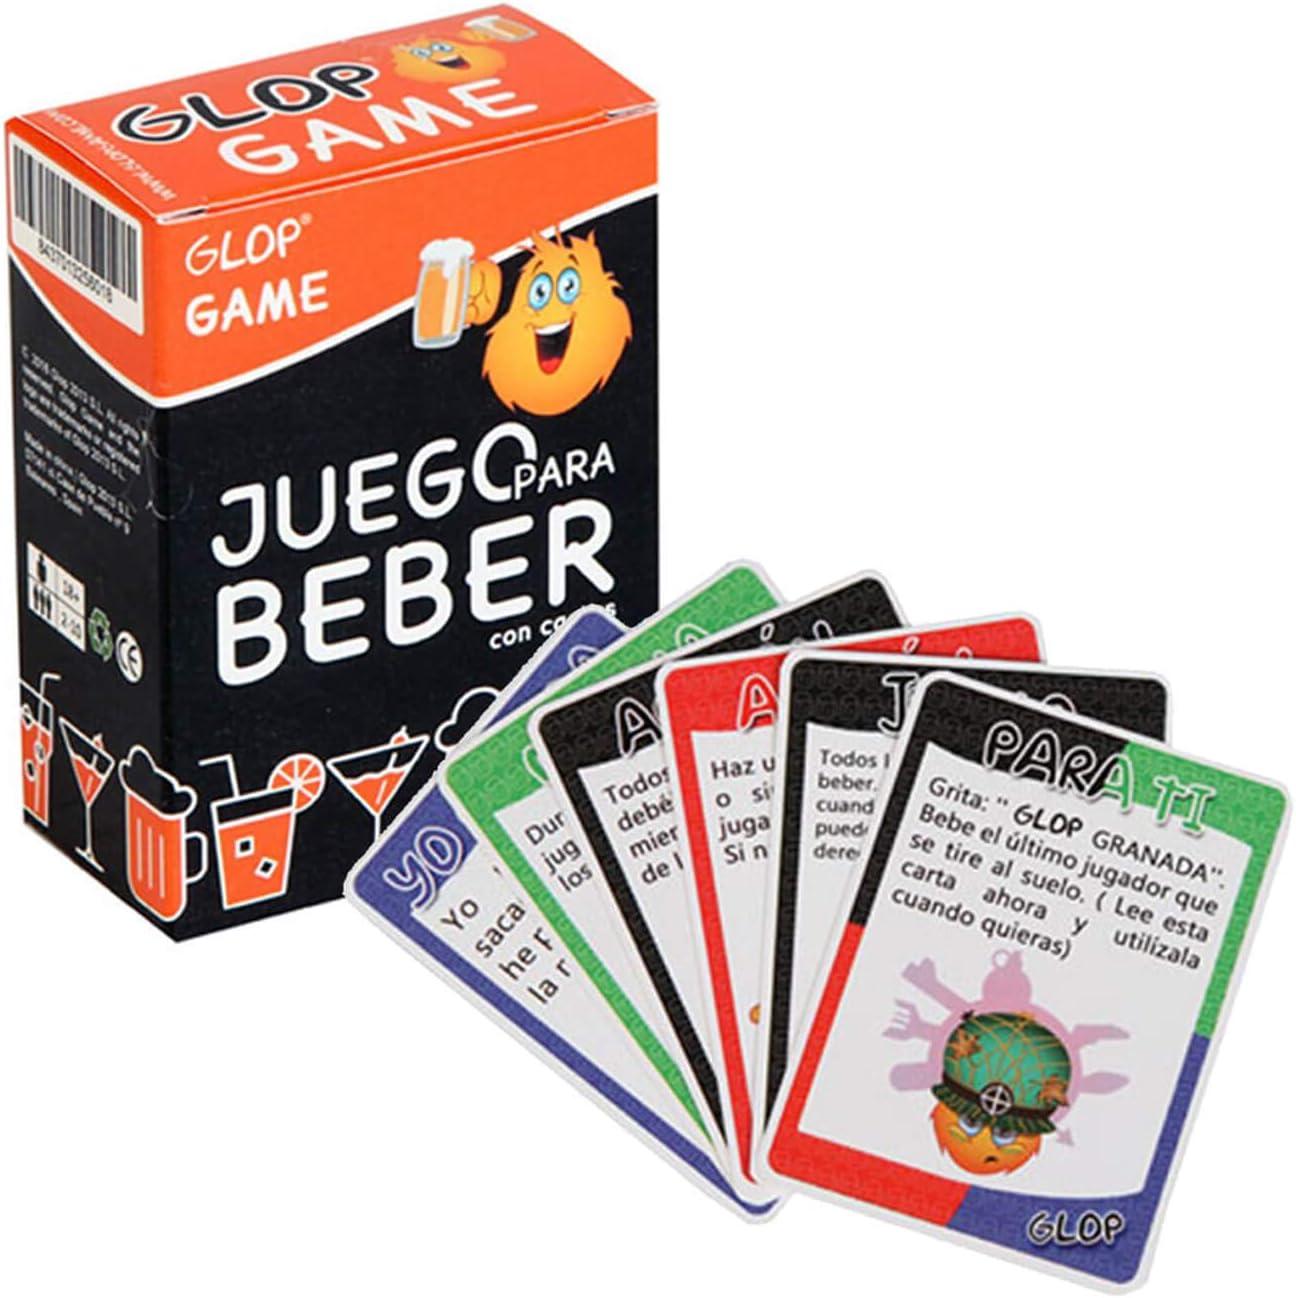 Glop Game - Juego Para Beber - Juego de Mesa para Fiestas con ...